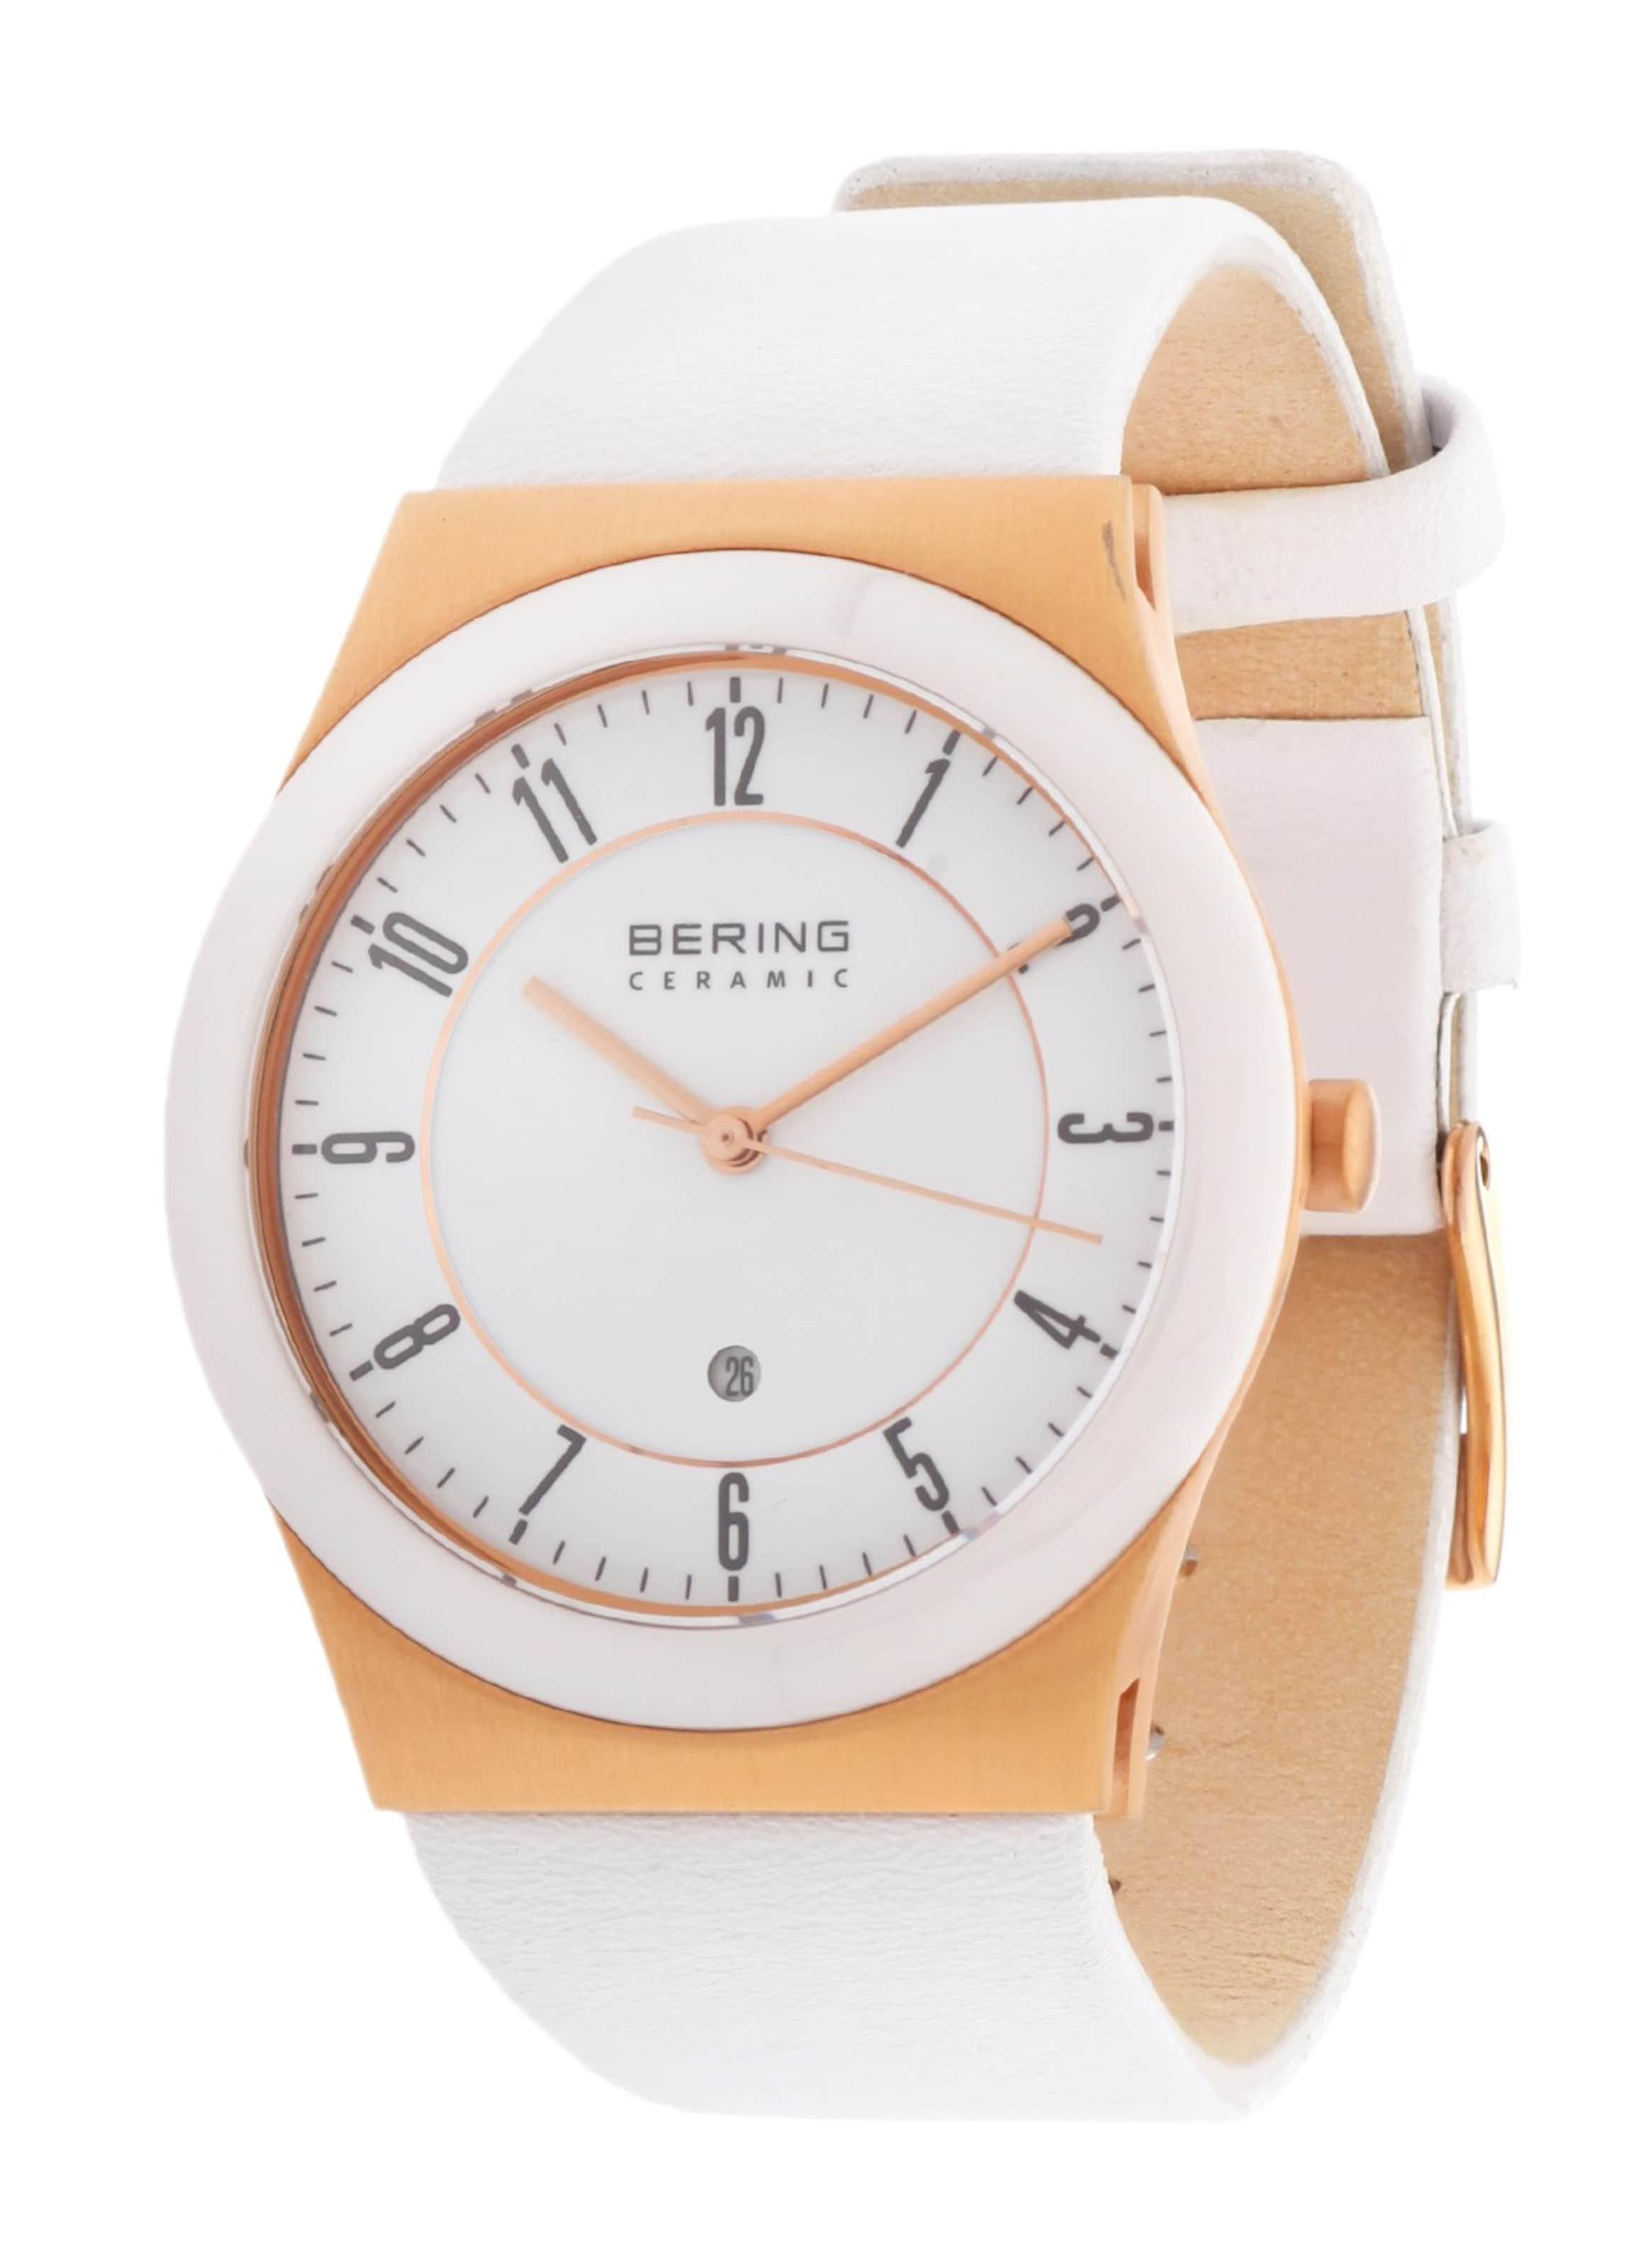 Rabatte Für Verkauf Billig Kaufen Bestellen BERING Armbanduhr 32235-664 Günstiger Preis Zu Verkaufen 2XSIZz